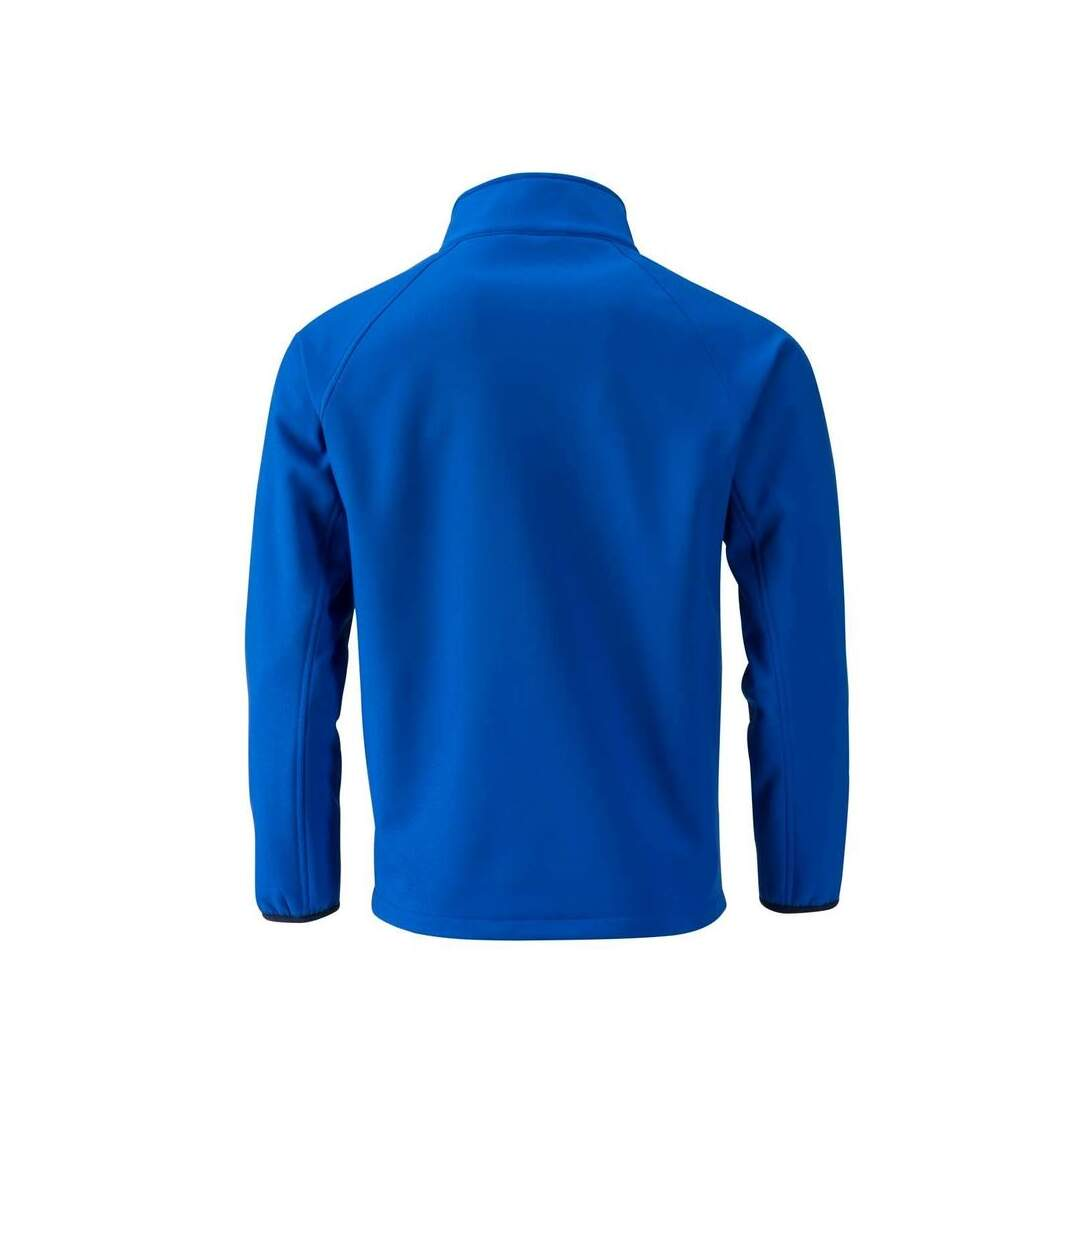 Veste softshell coupe-vent déperlante homme JN1130 - bleu nautique